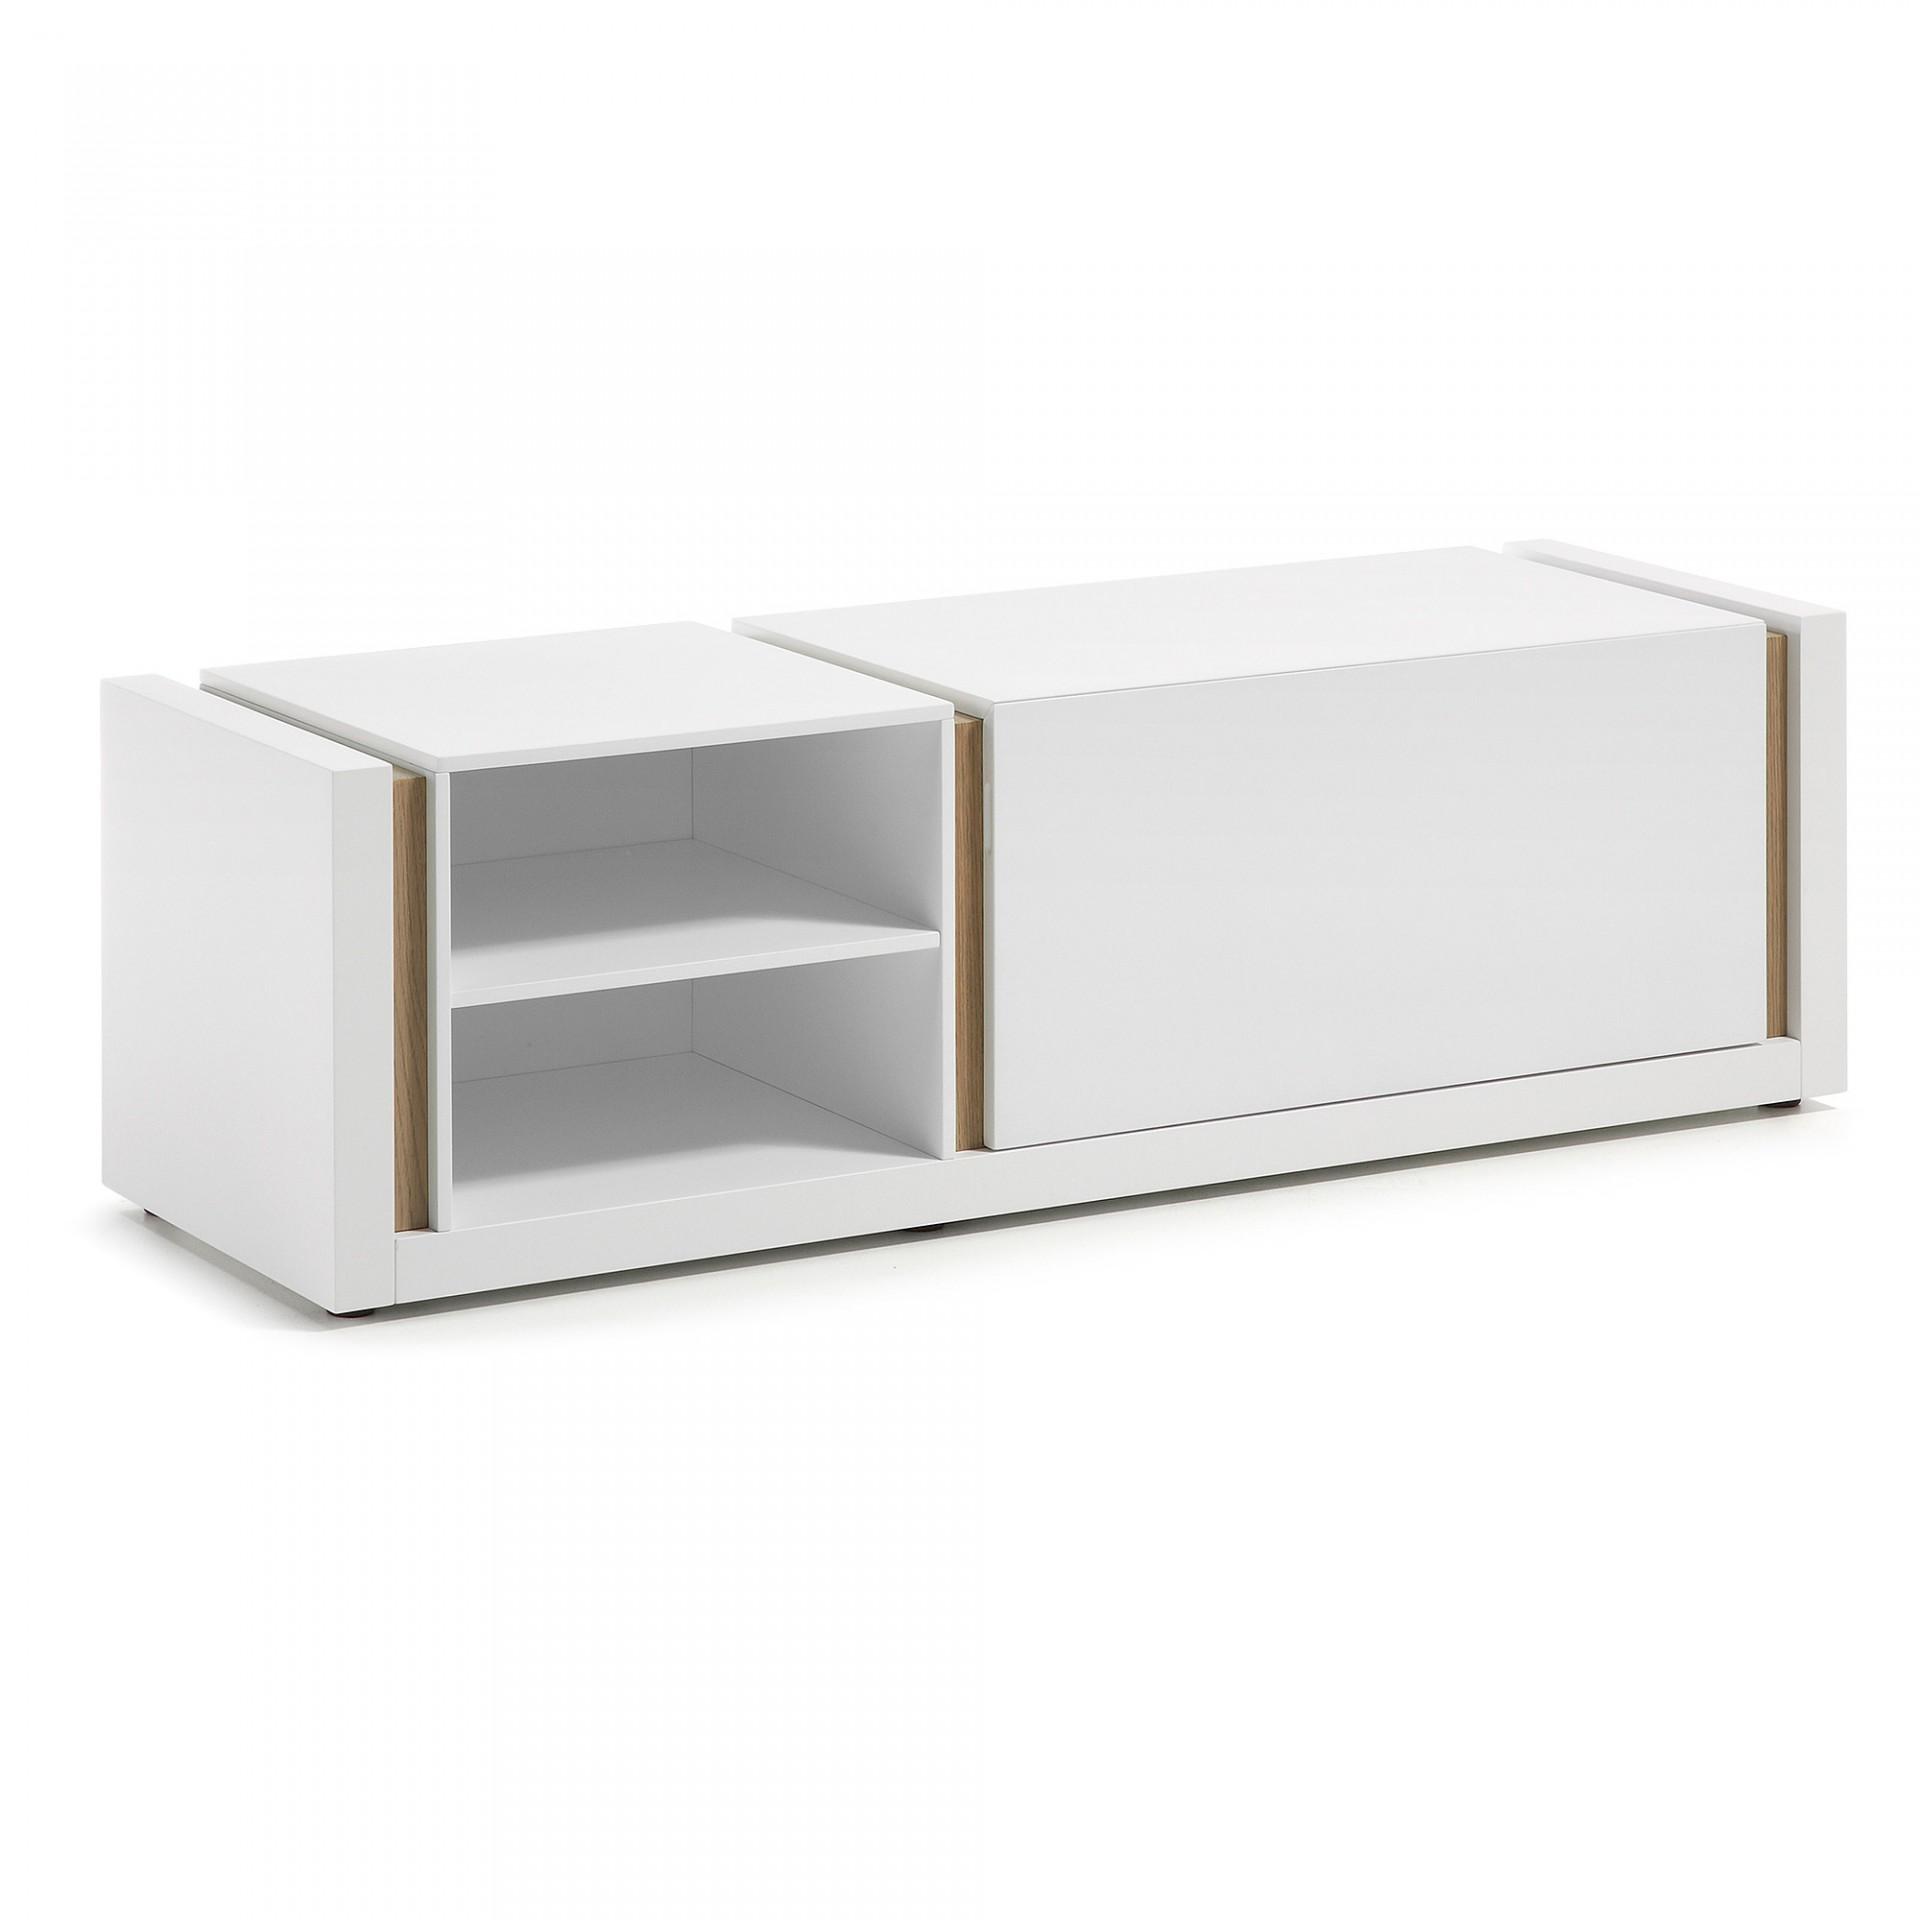 Móvel TV Dip, madeira de carvalho/MDF lacado, 140x42